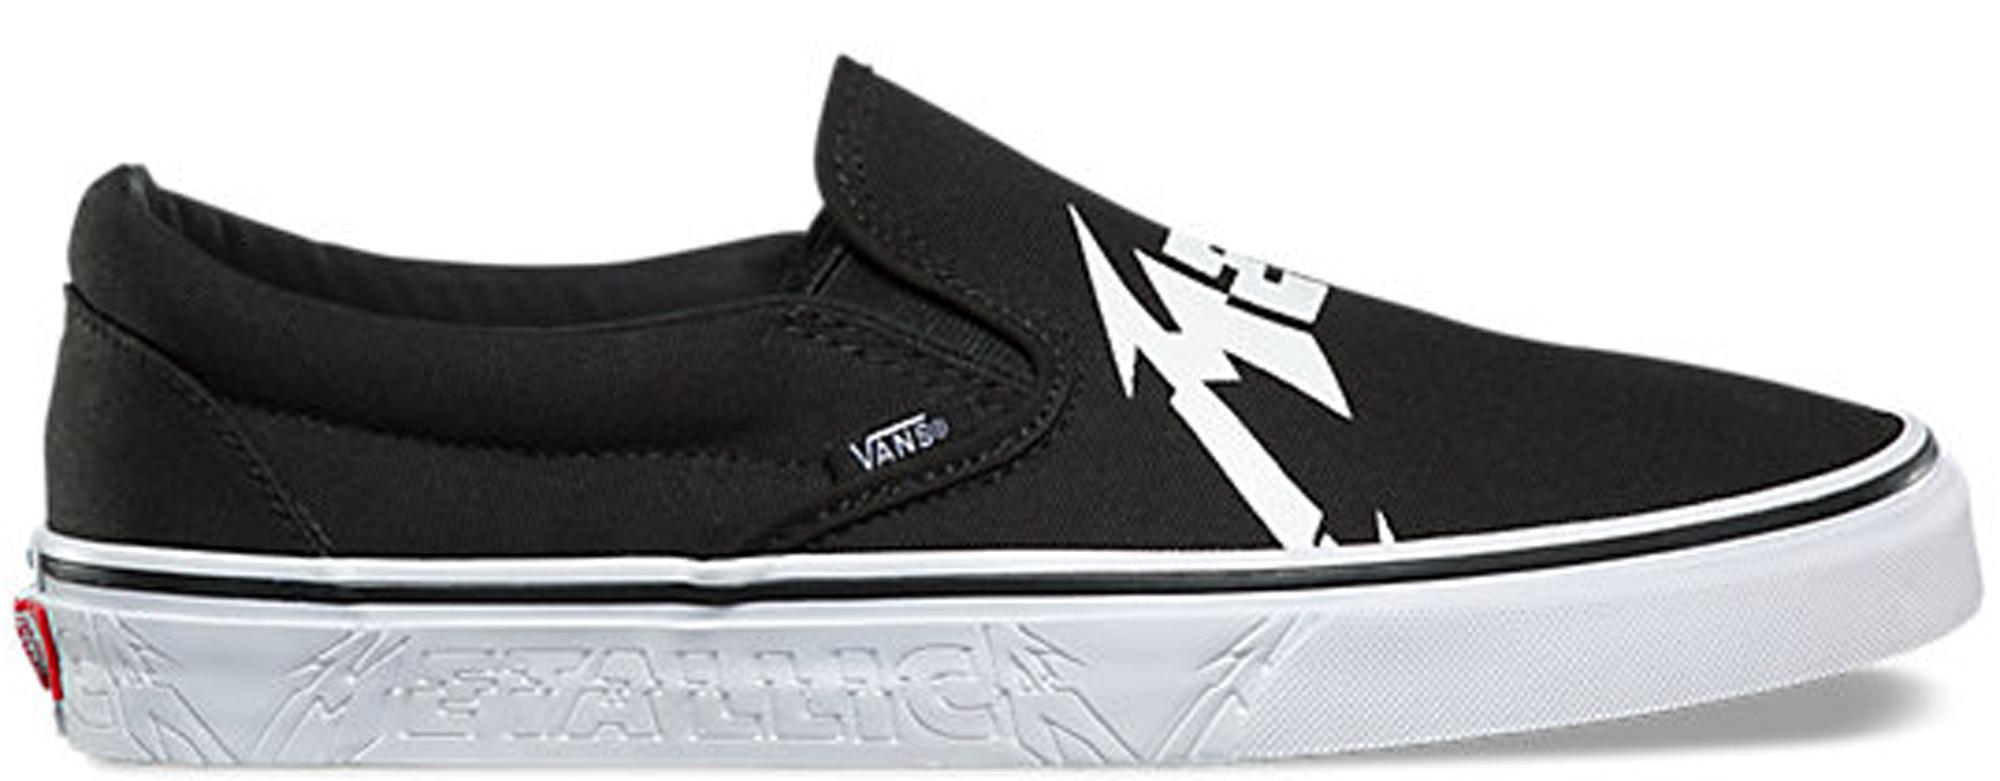 Vans Slip-On Metallica (2018)